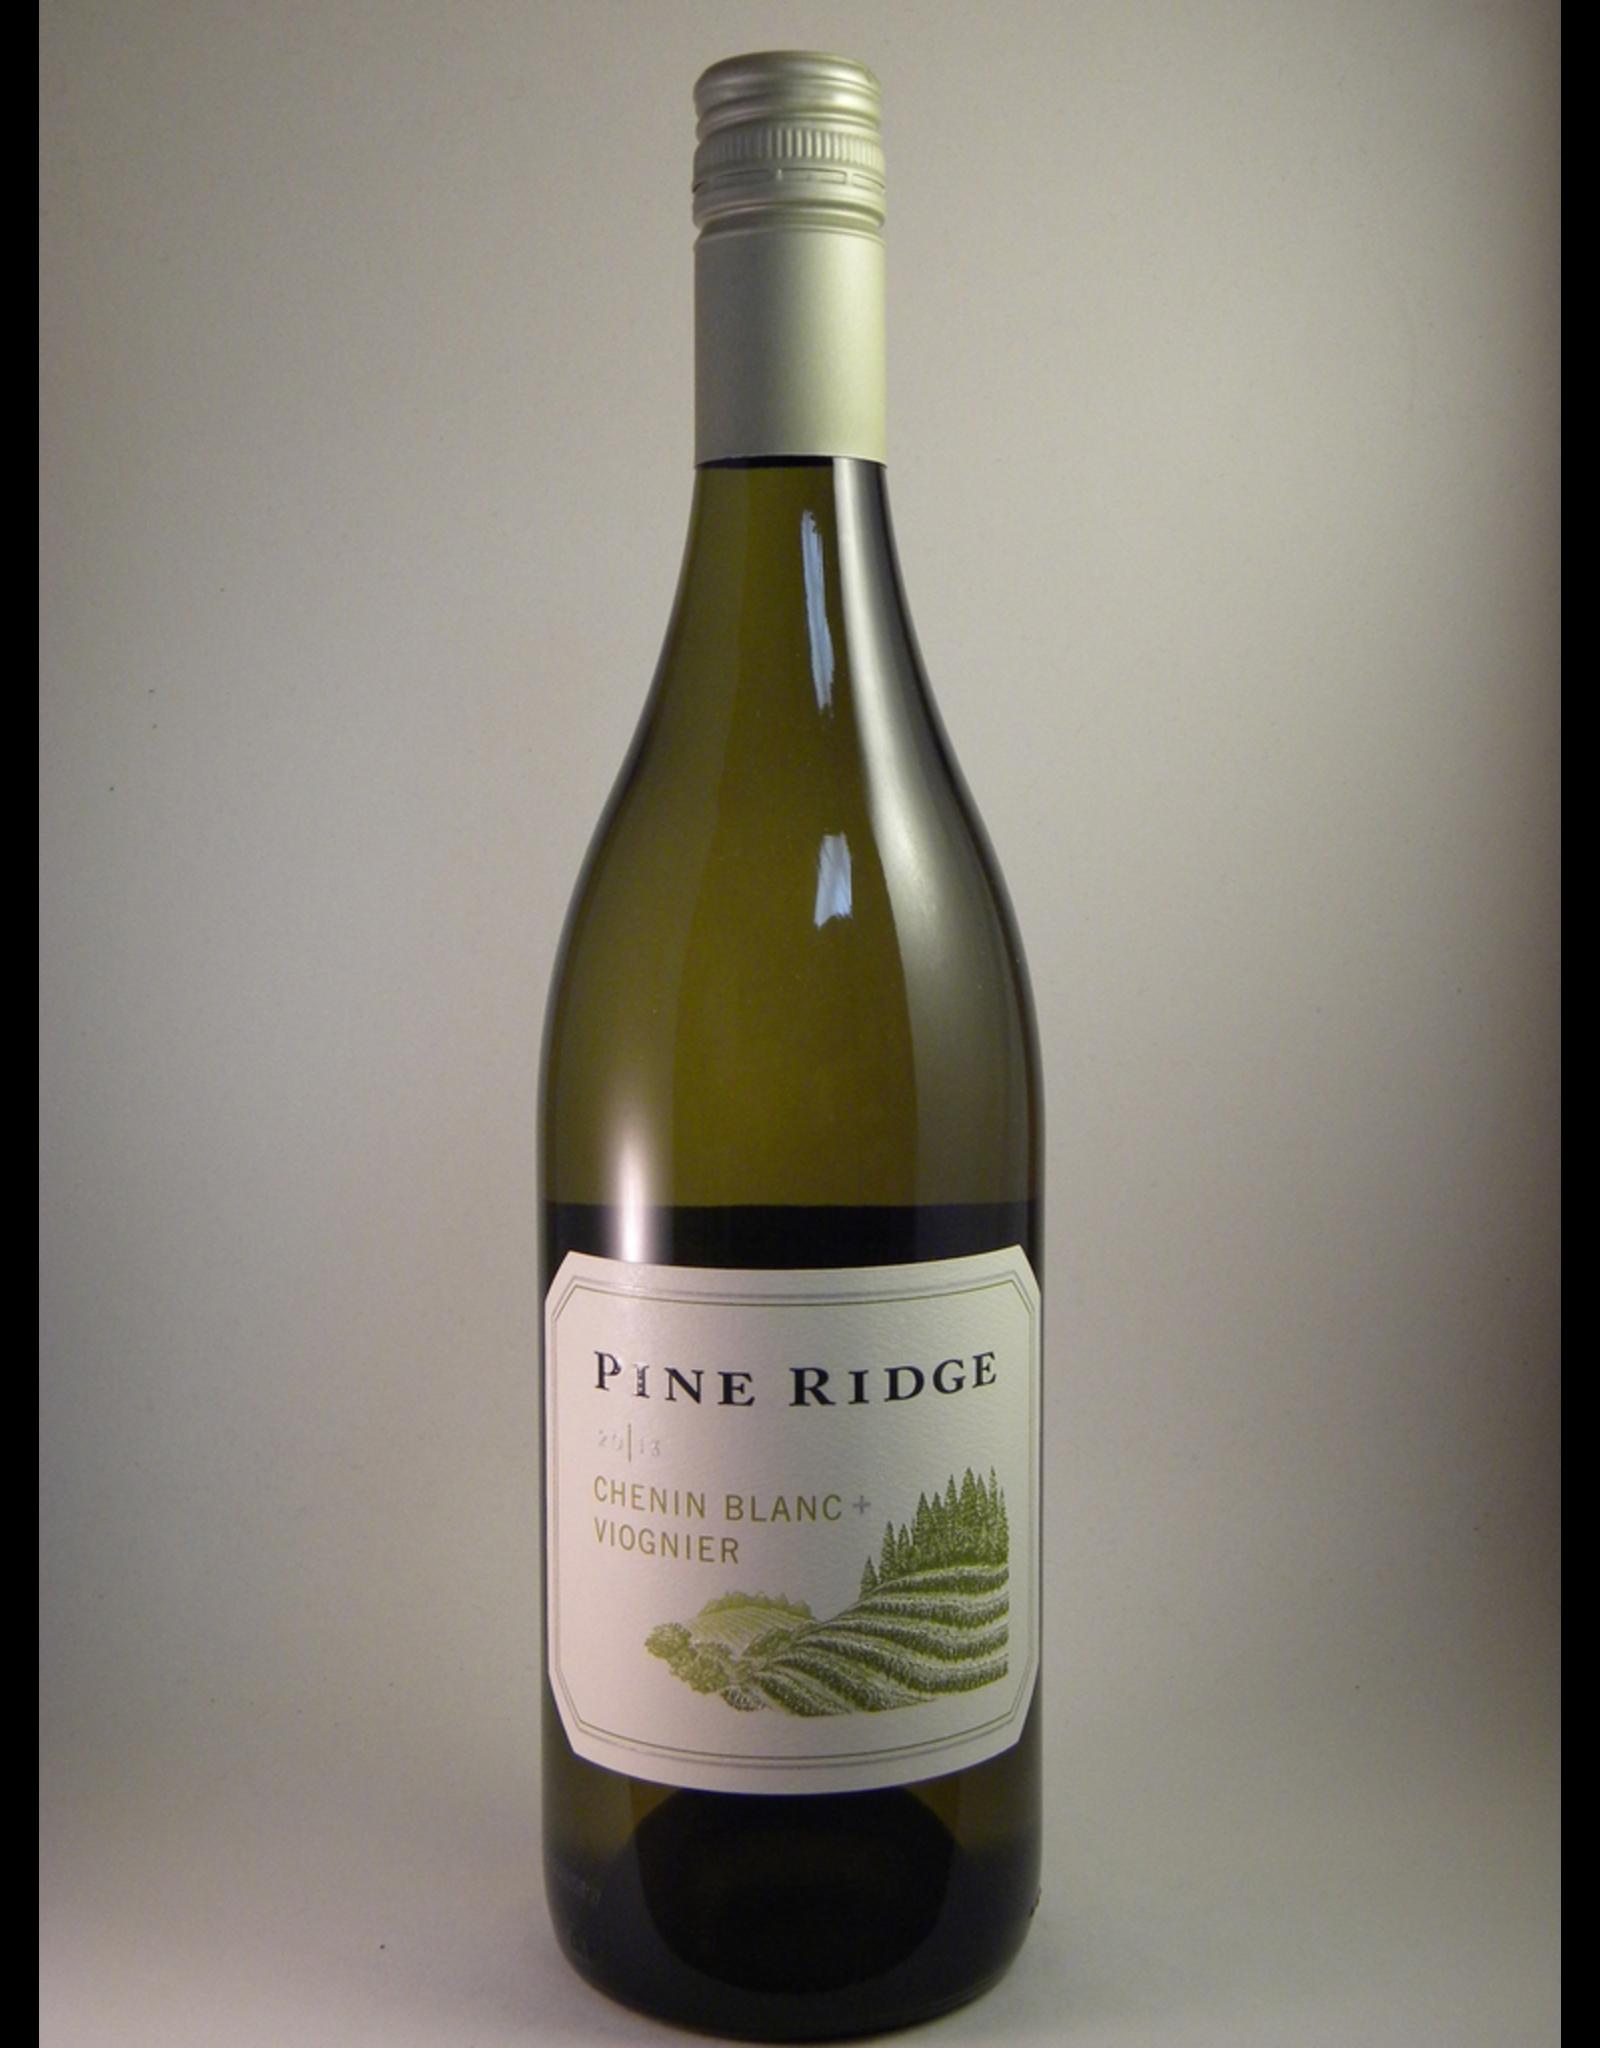 Pine Ridge Pine Ridge Chenin Blanc Viognier California 2019